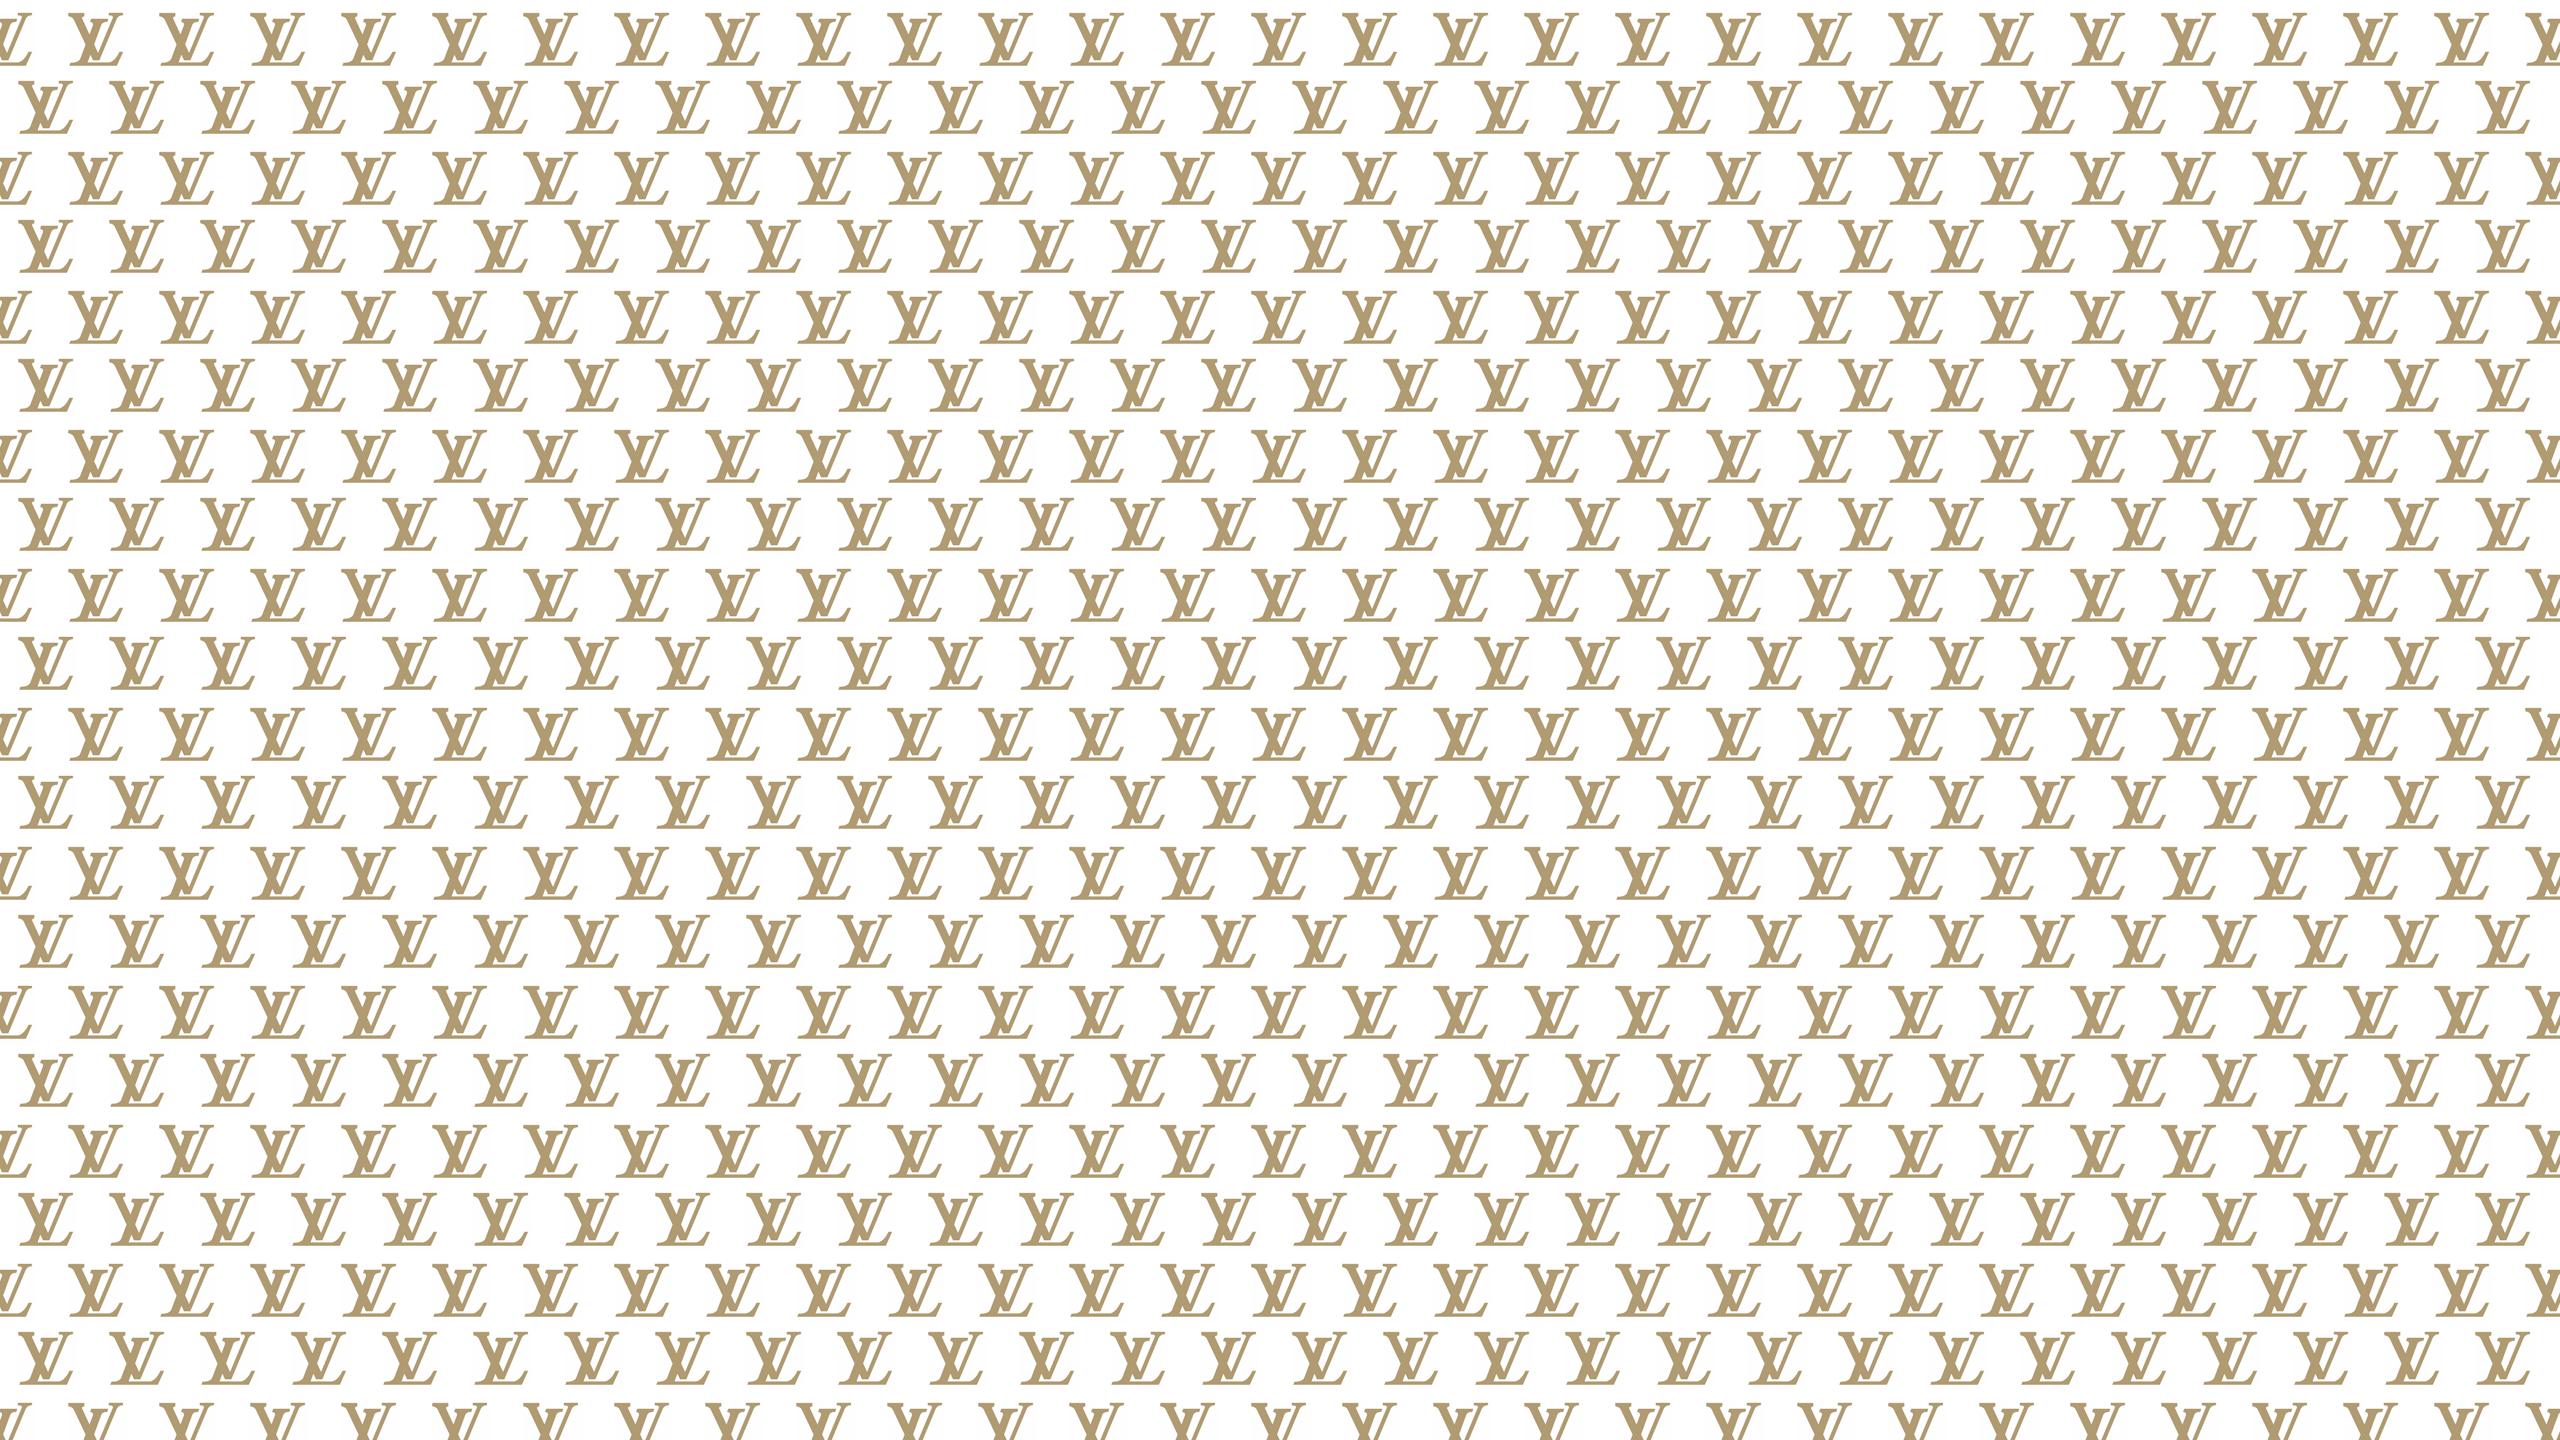 Louis Vuitton Damier Wallpaper Hd Black 2560x1440